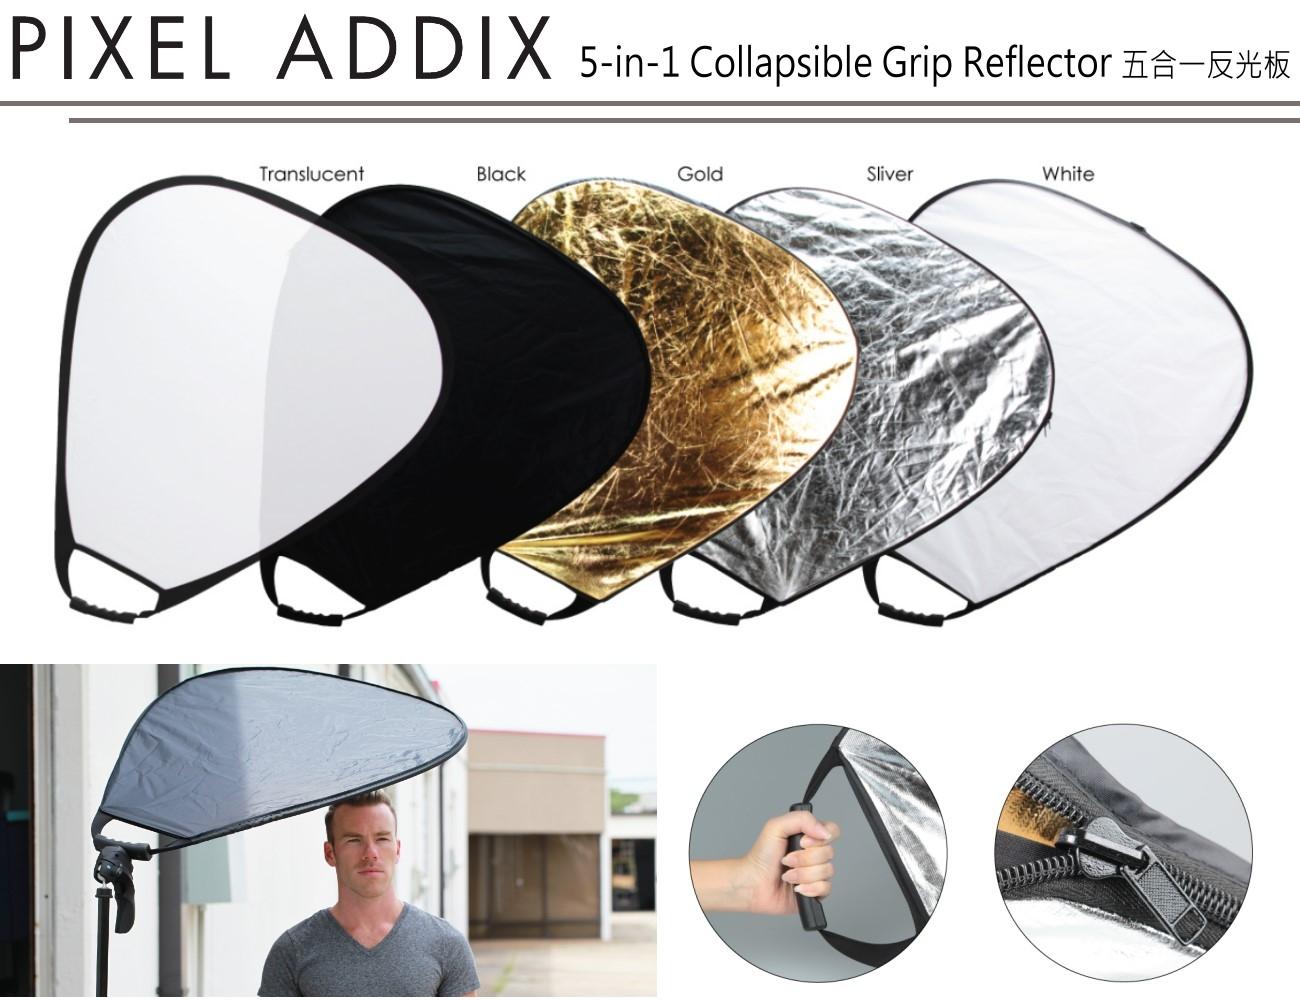 數碼星空PIXEL ADDIX五合一反光板半透明黑金銀白遮光罩連接三腳架手把立福公司貨